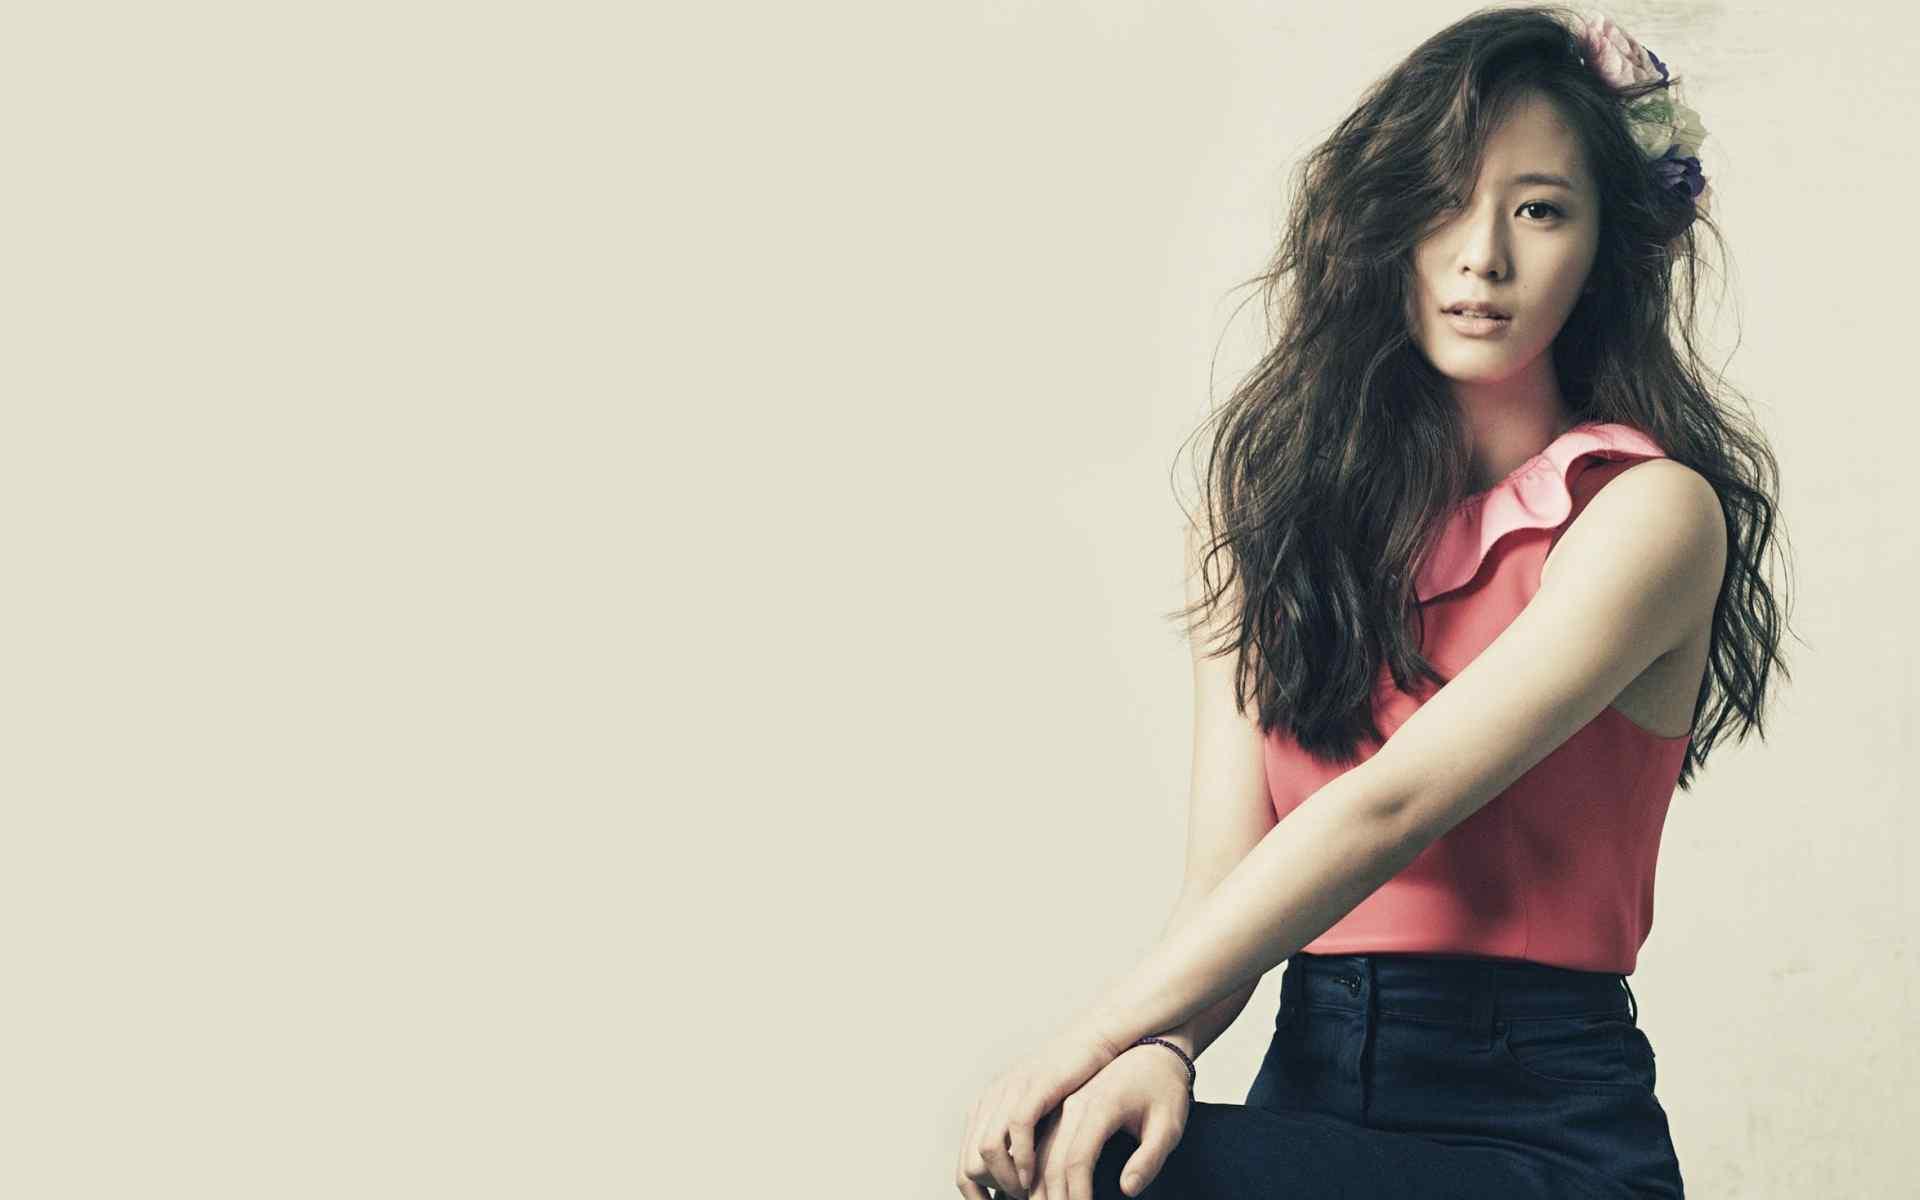 韩国人气明星郑秀晶唯美高清壁纸